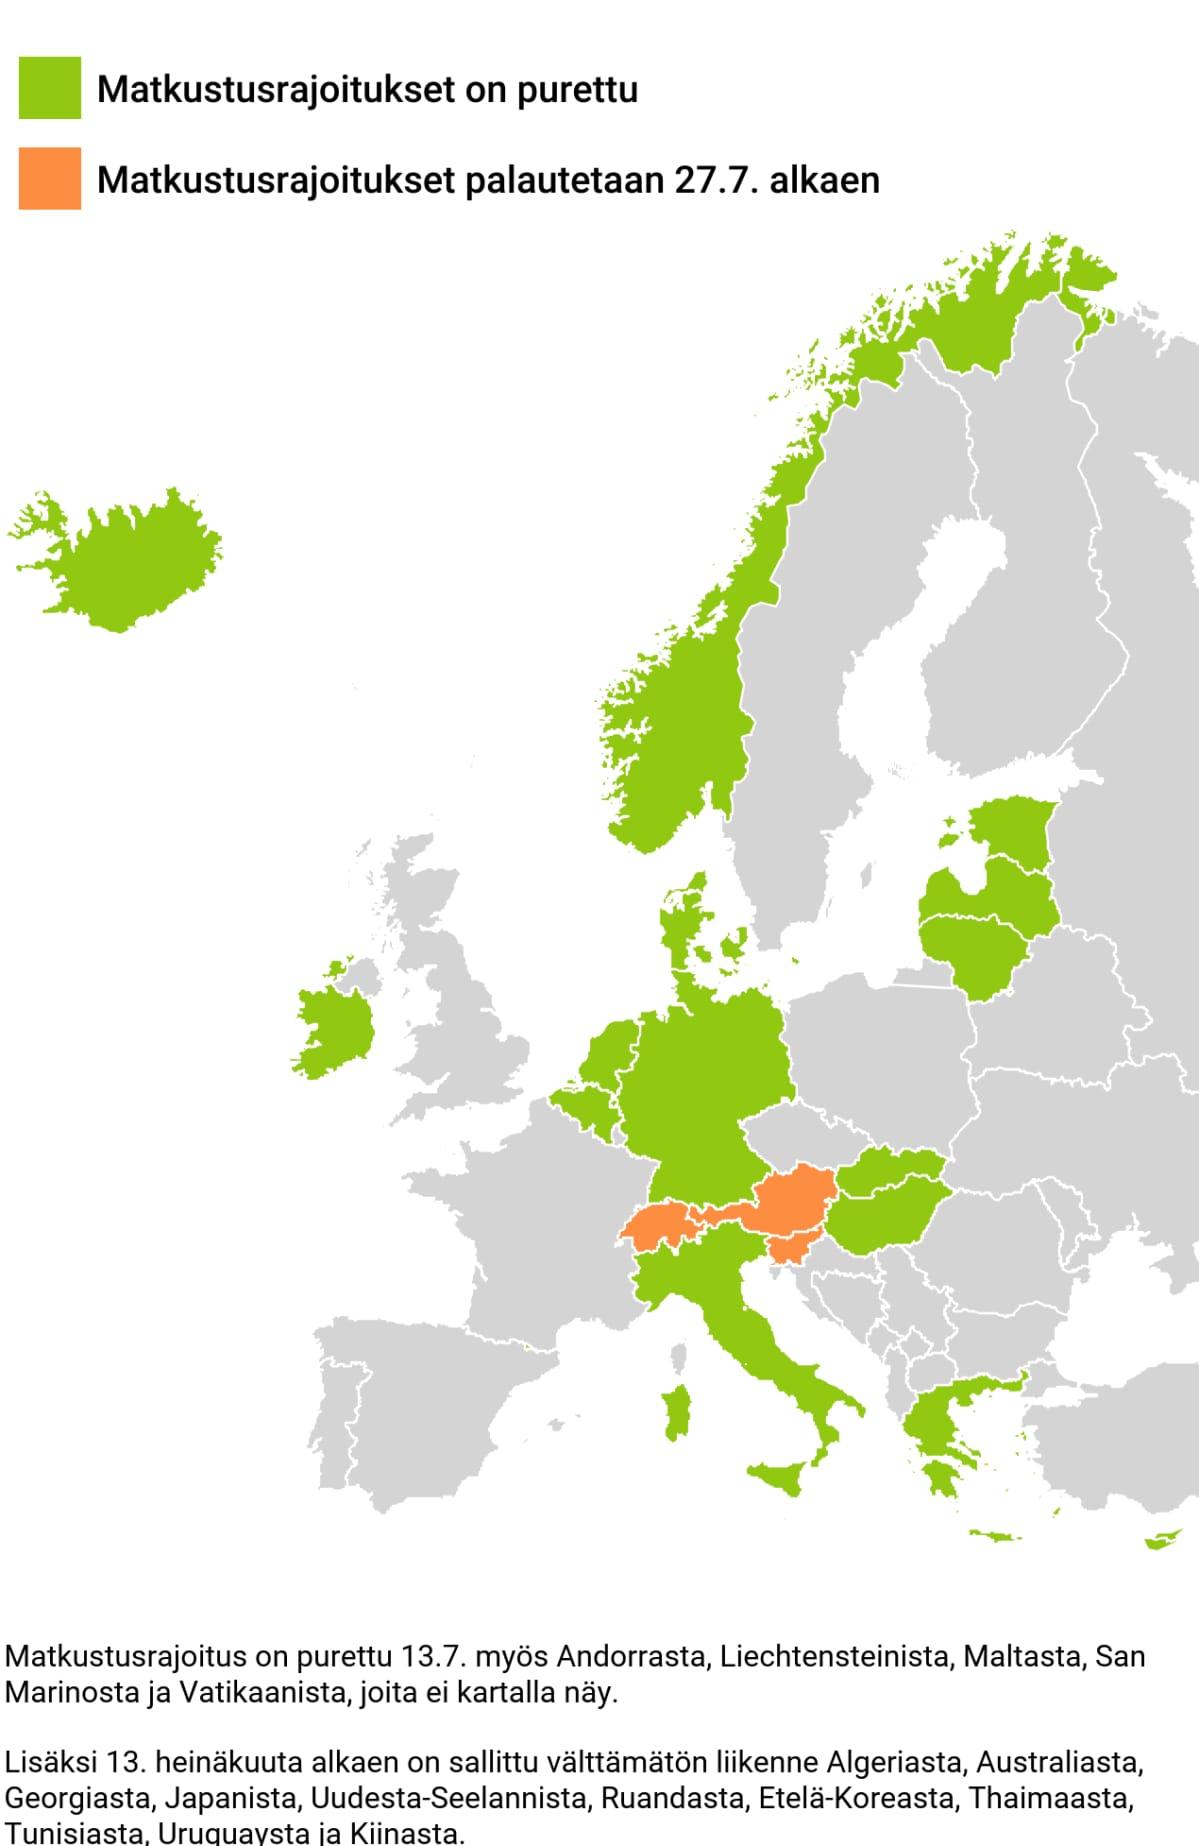 Matkustusrajoitukset euroopassa.